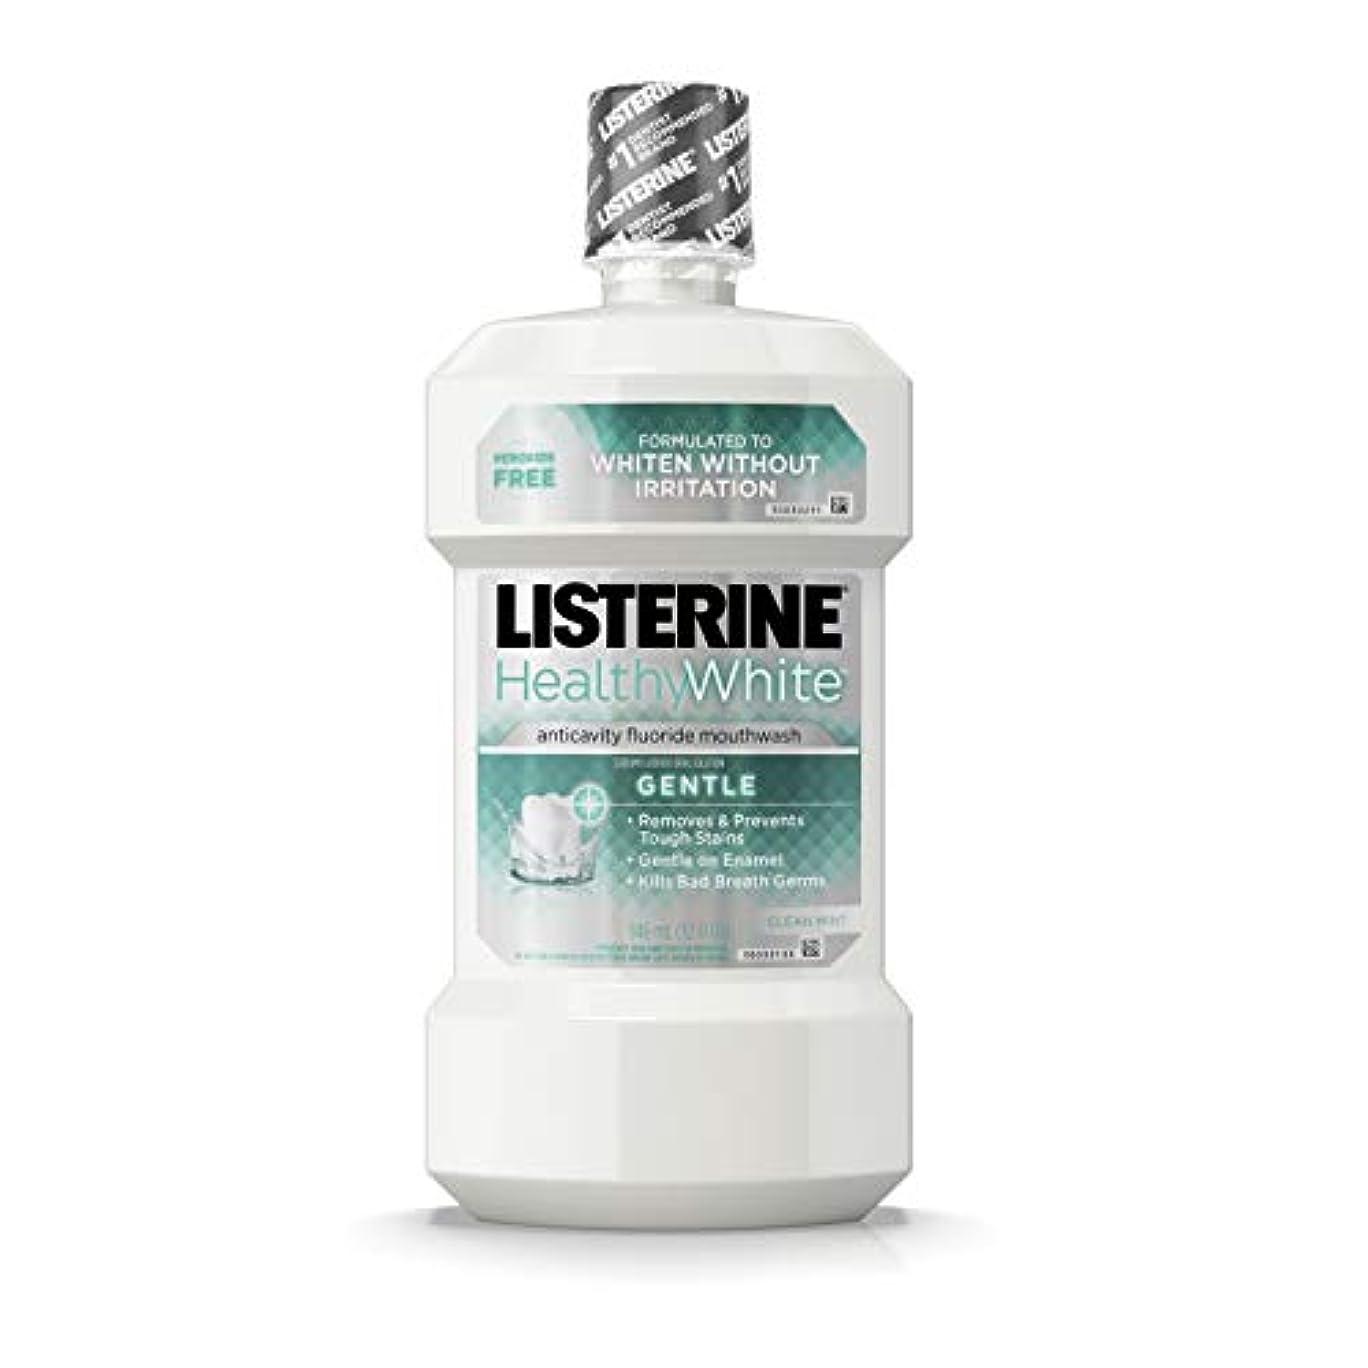 テラスダーリンアセンブリListerine ジェントルクリーンマウスウォッシュ - クリーンミント 1パック